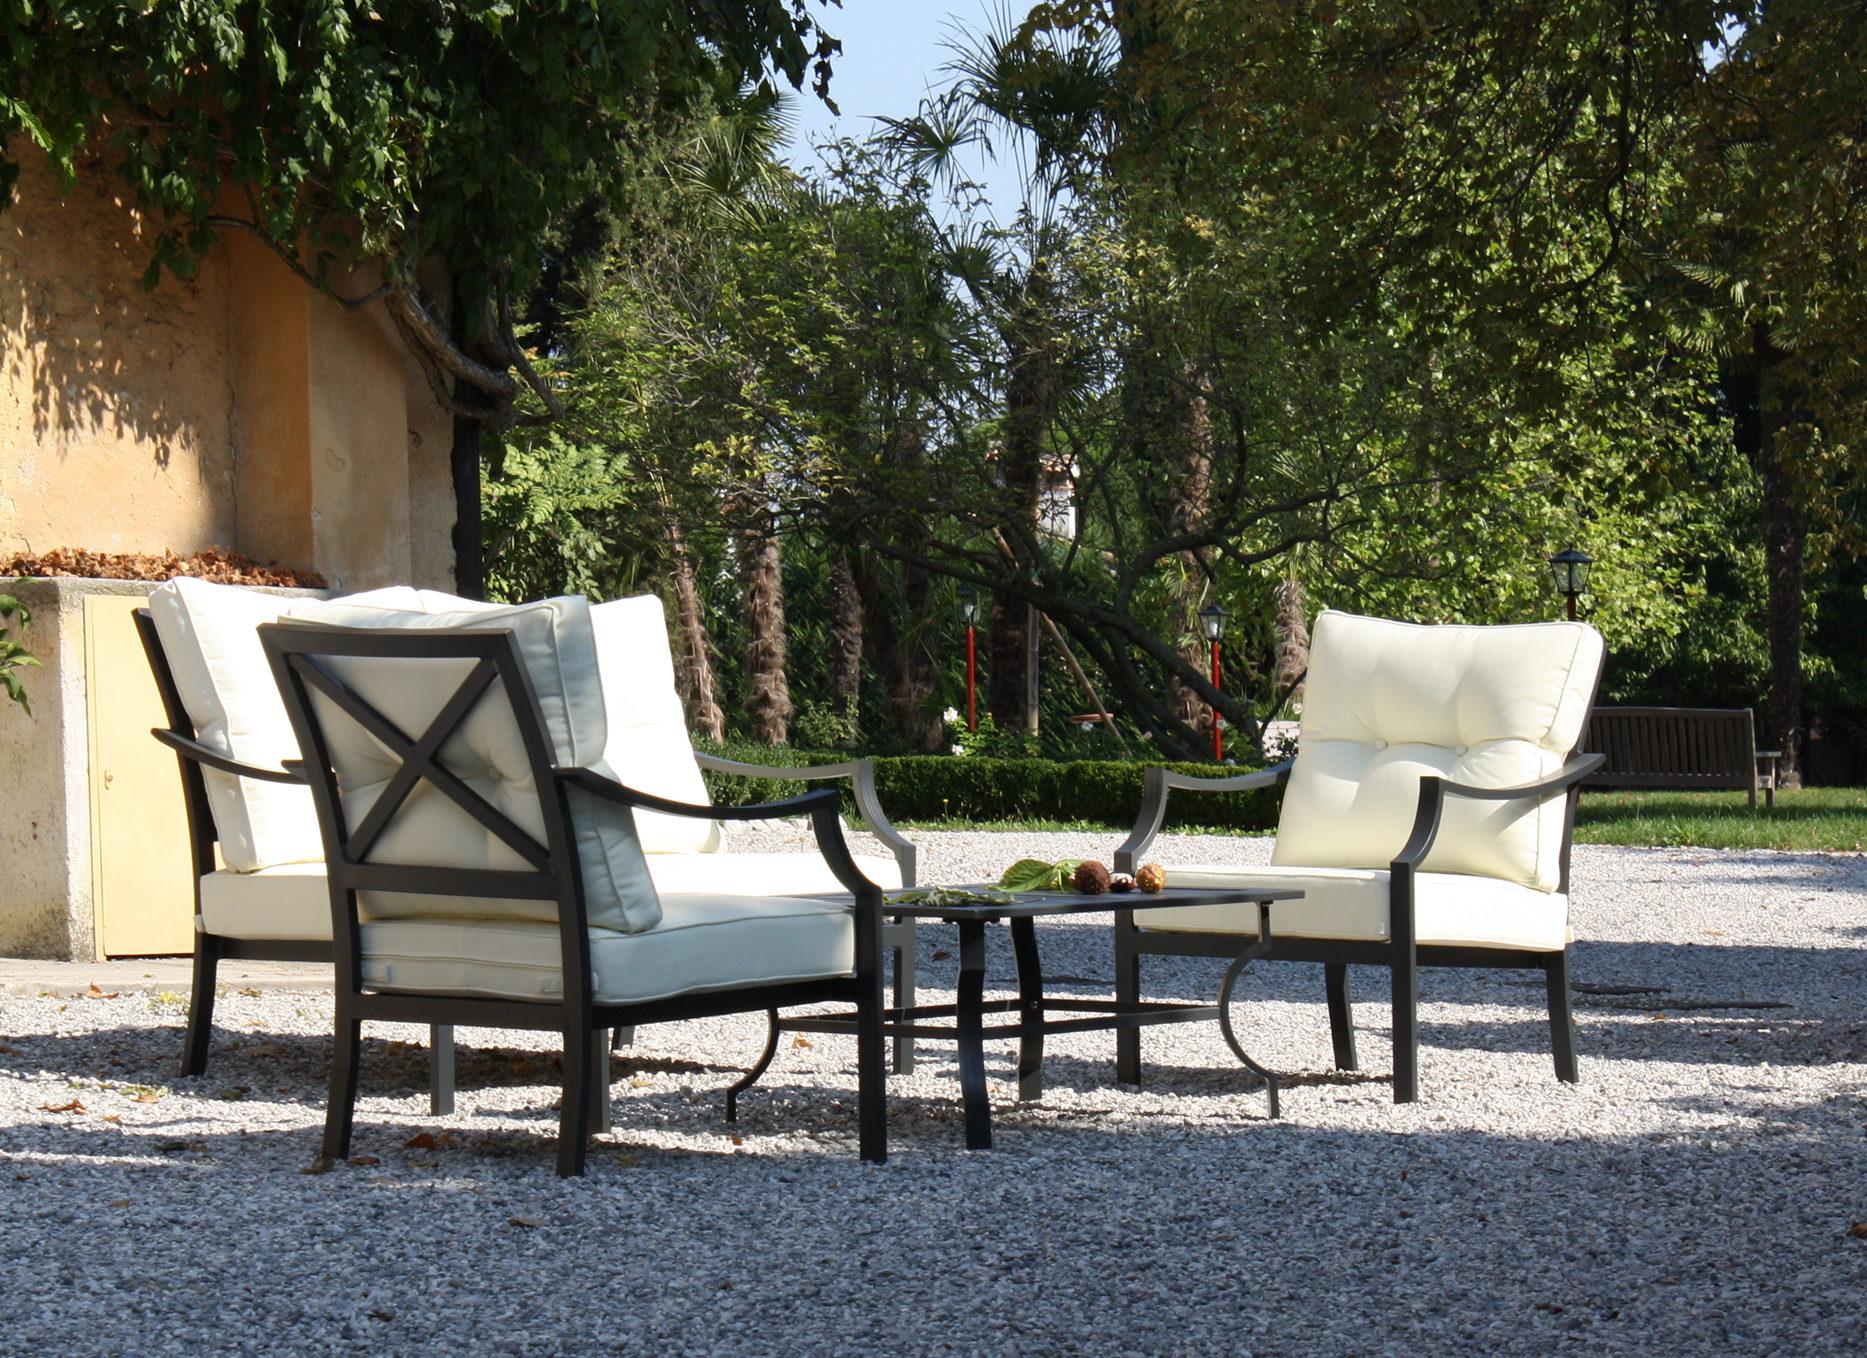 Arredi emozionali di alta qualit per il tuo giardino for Salotti in ferro battuto per esterni